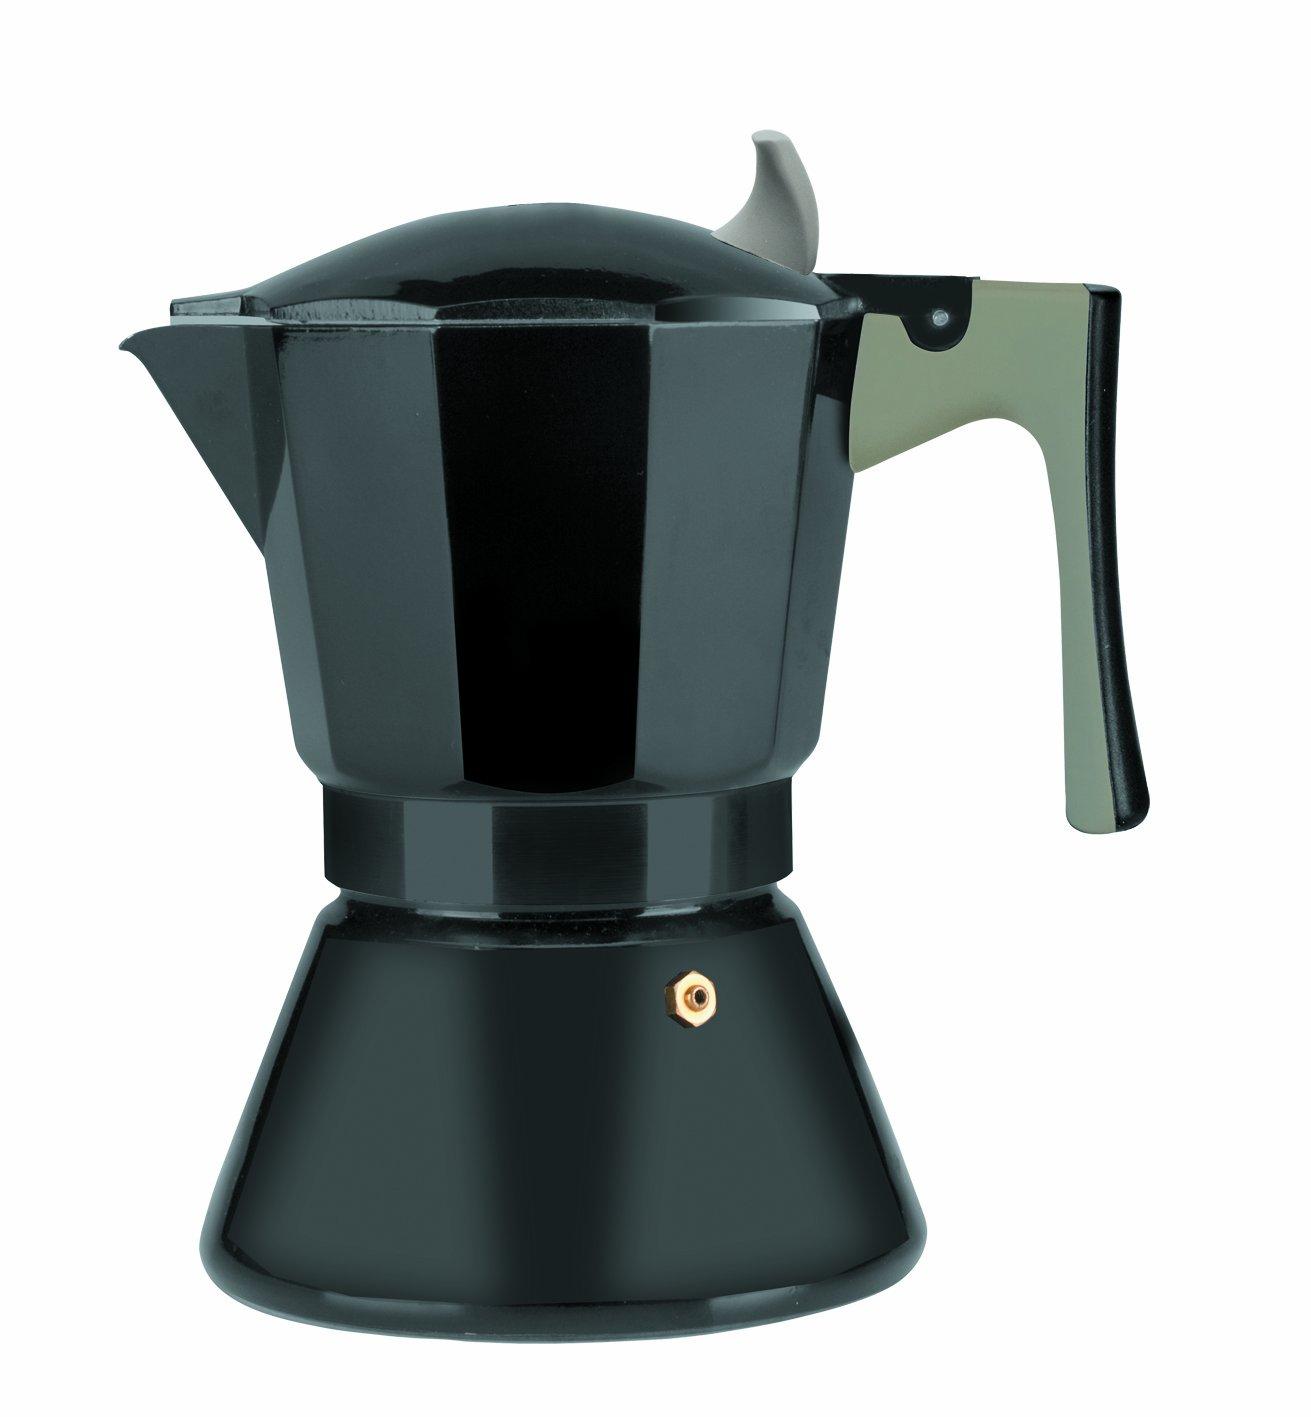 IBILI 621309 ESPRESSO COFFE MAKER INDUCTION 9 CUPS